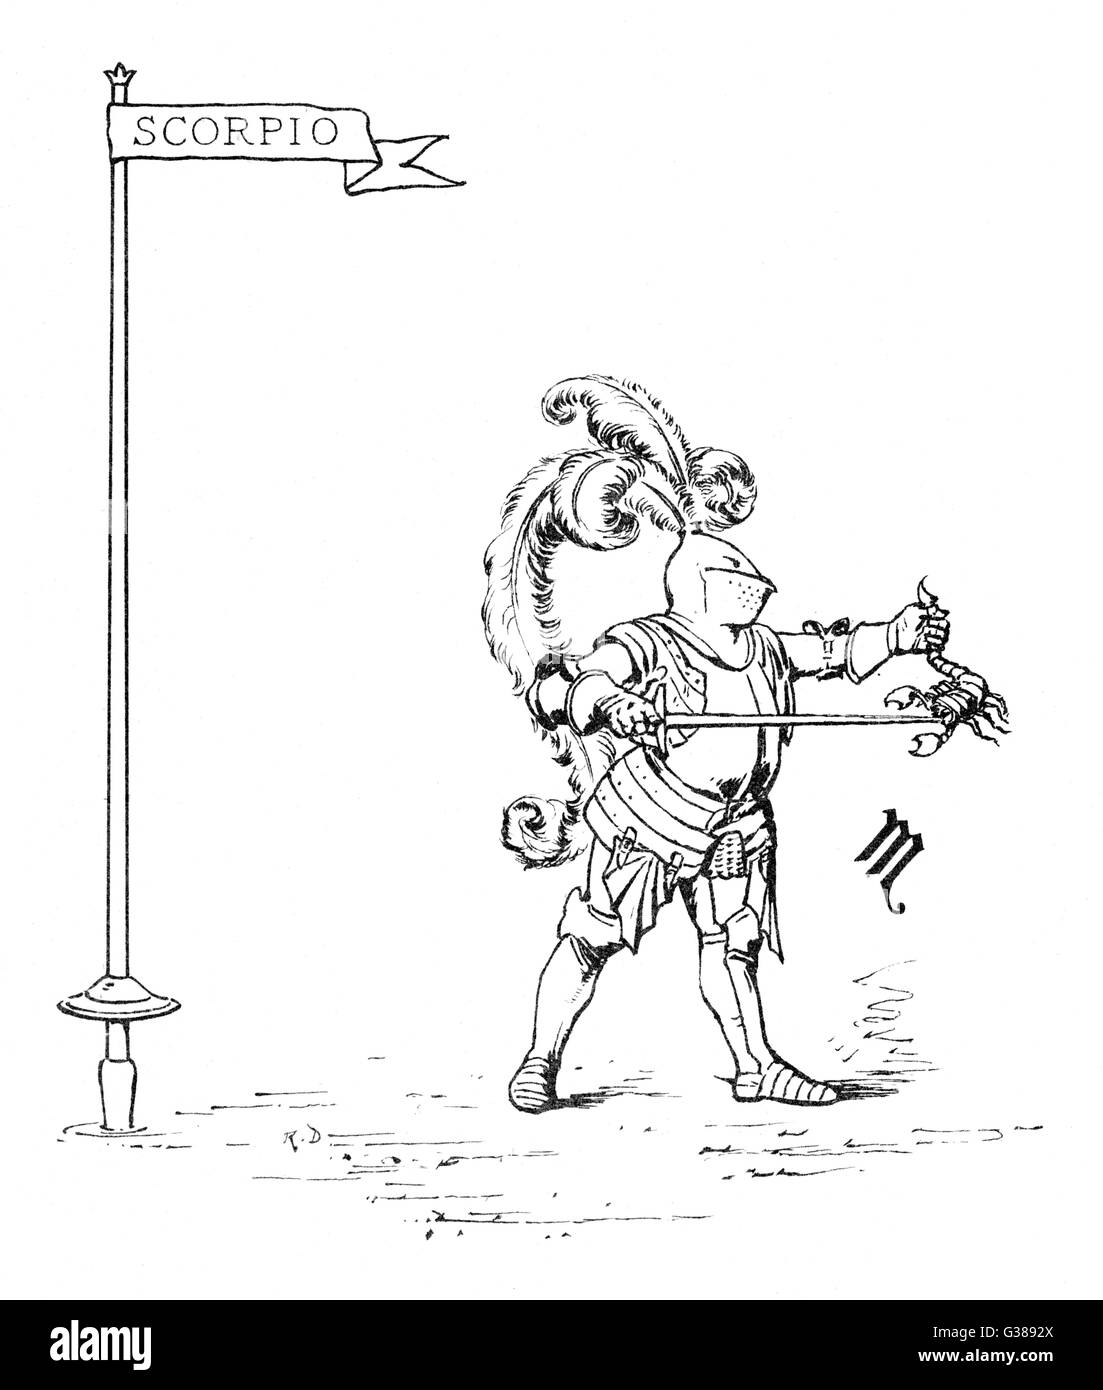 Un peculiar ilustración mostrando un caballero poniendo un escorpión a la espada Fecha: 1887 Imagen De Stock